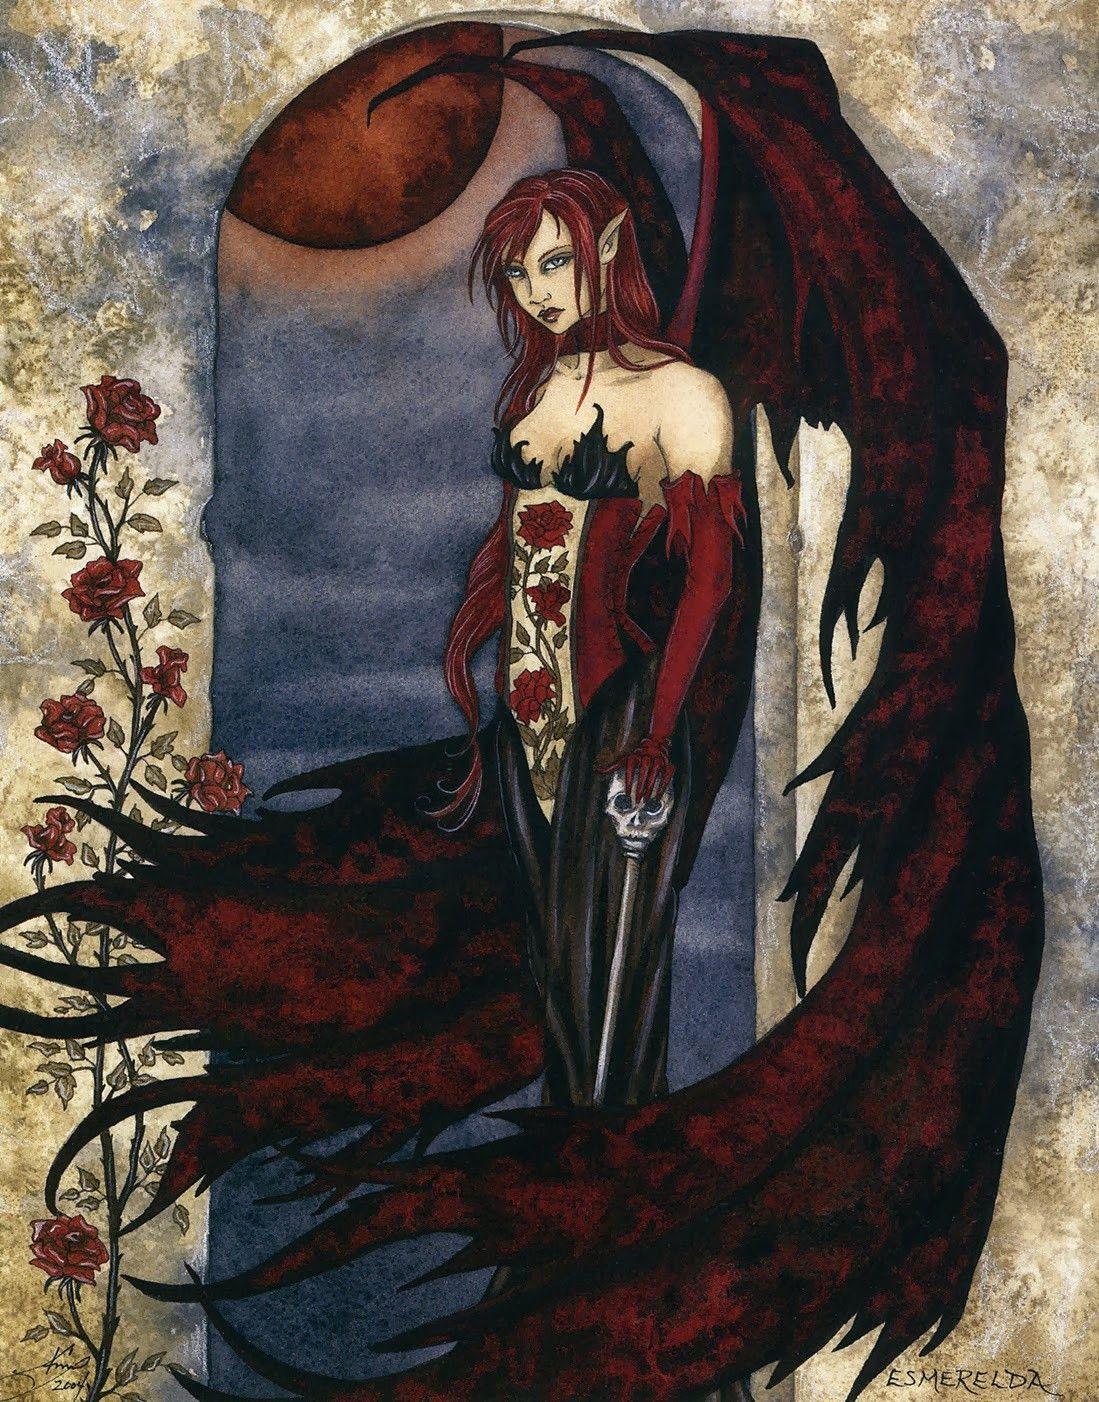 Amy Brown Esmerelda Gothic Ceramic Tile Art Fairies And